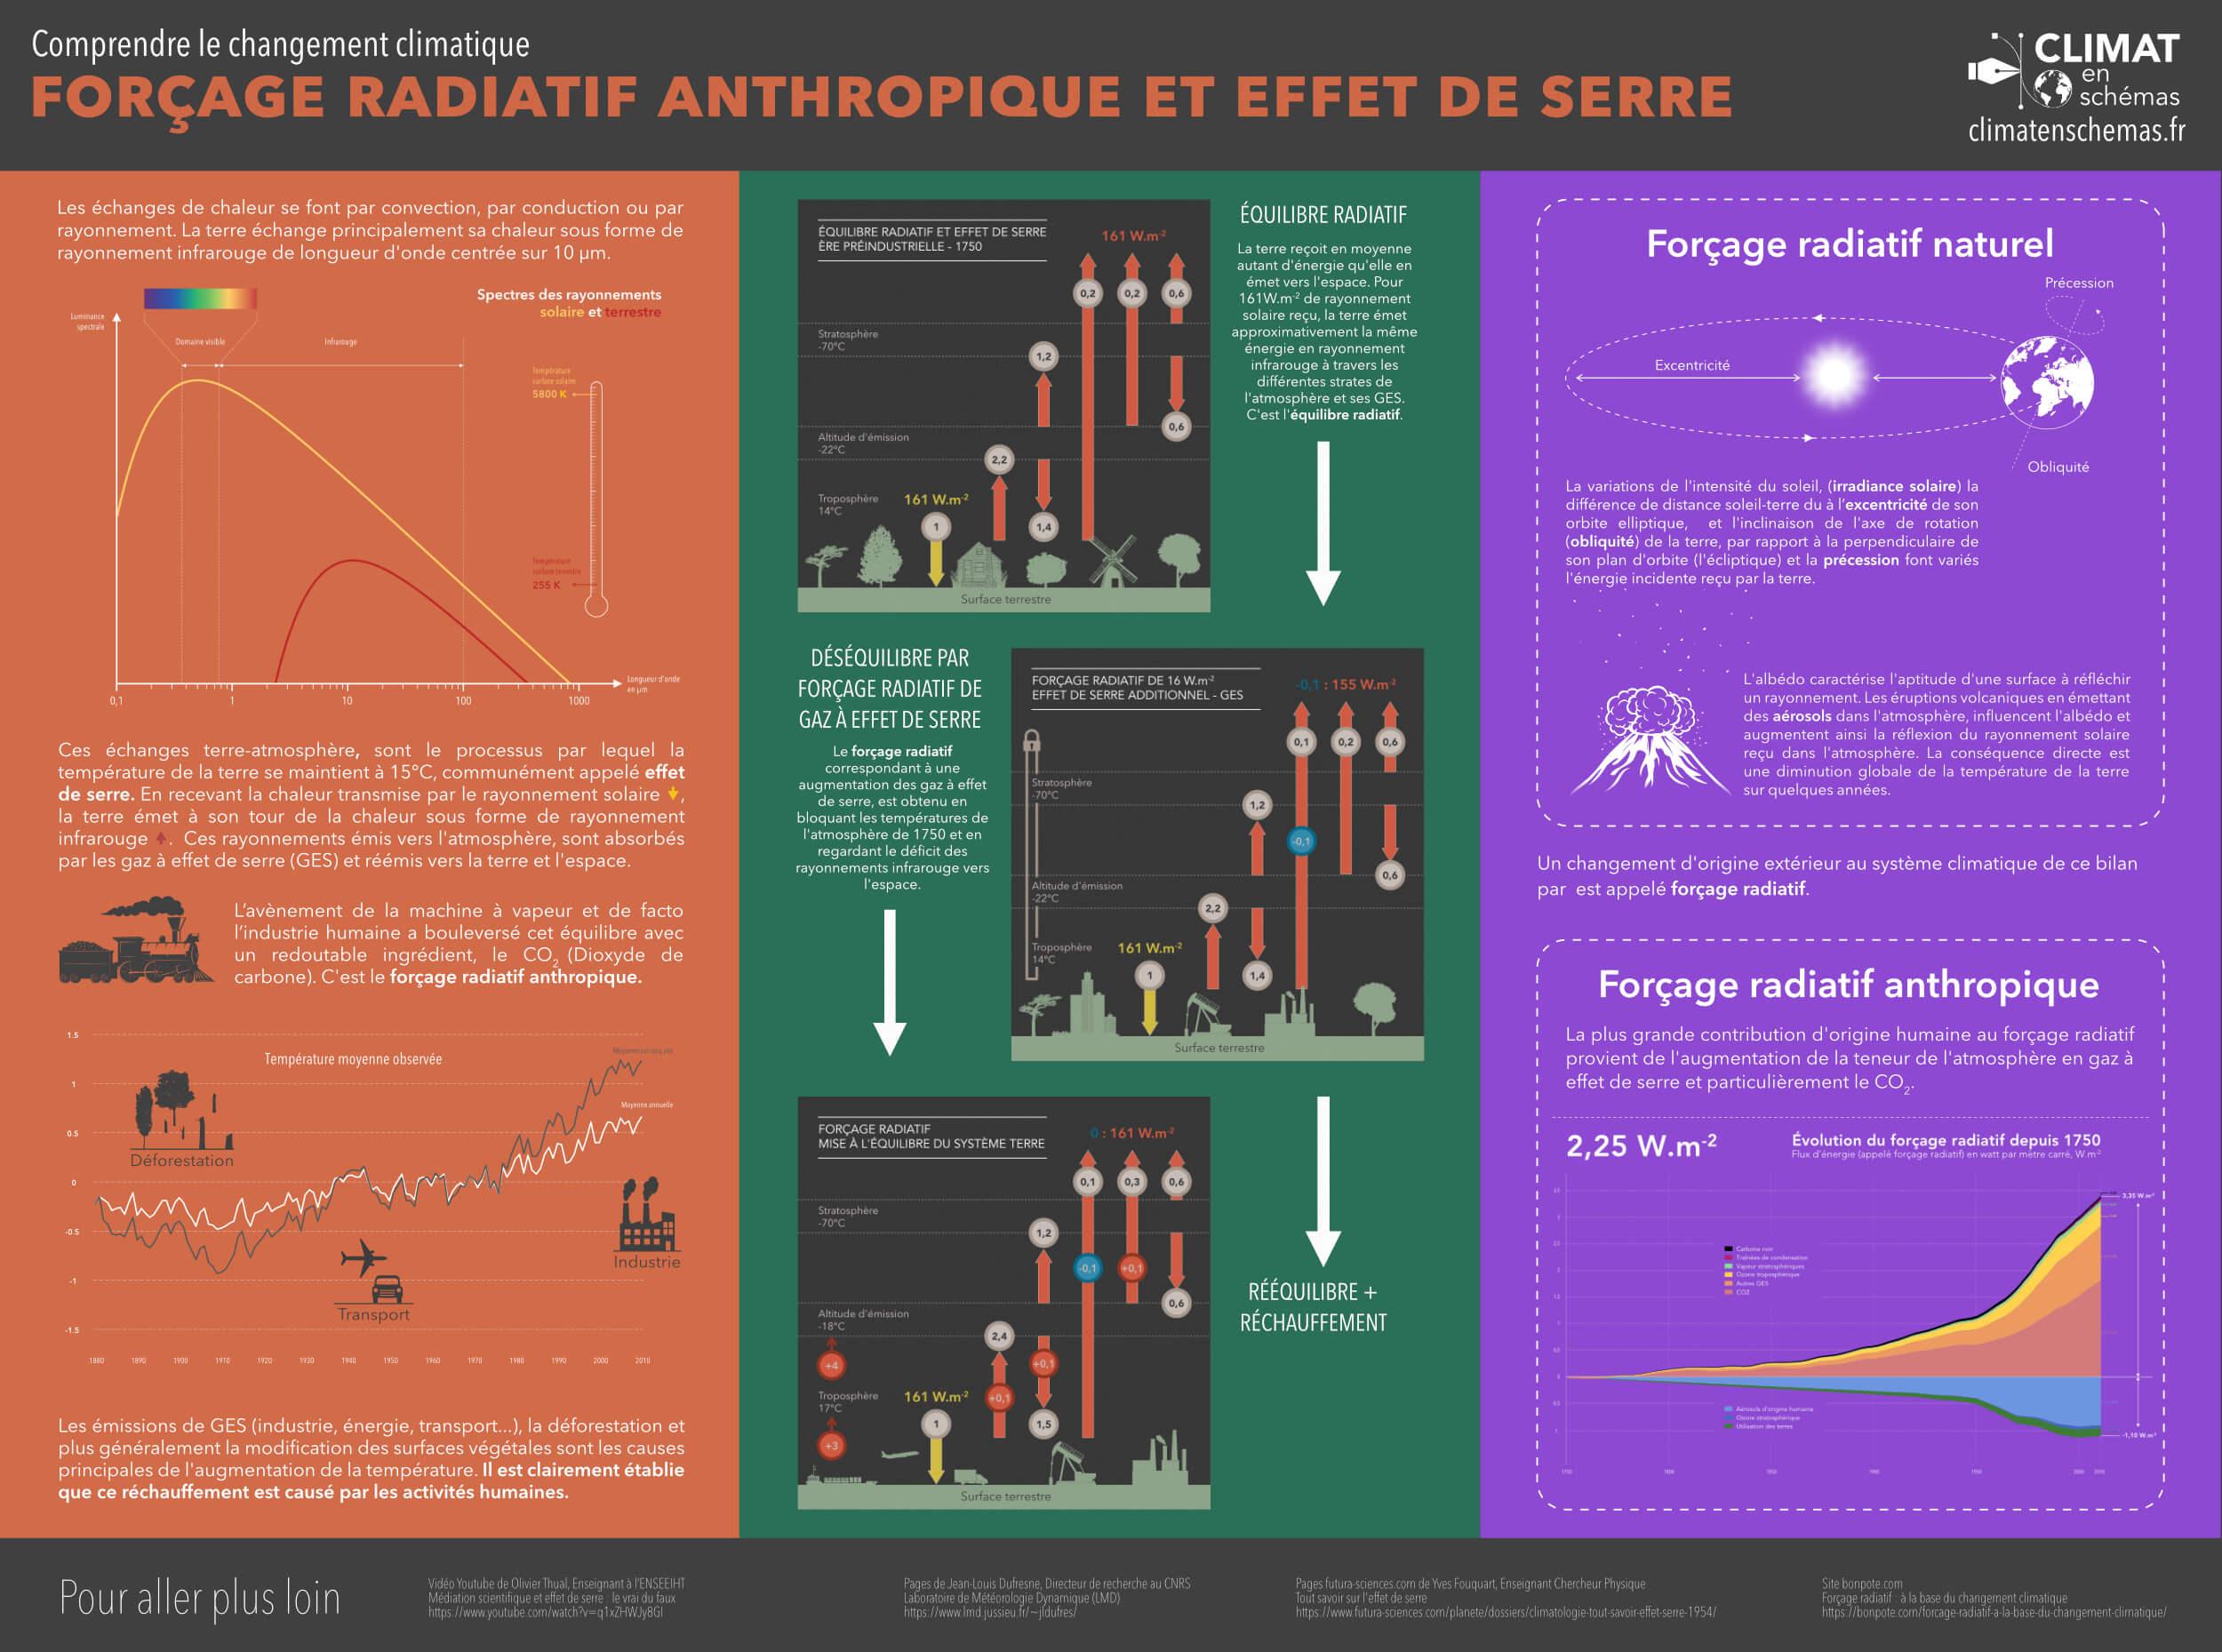 Forçage radiatif anthropique et effet de serre